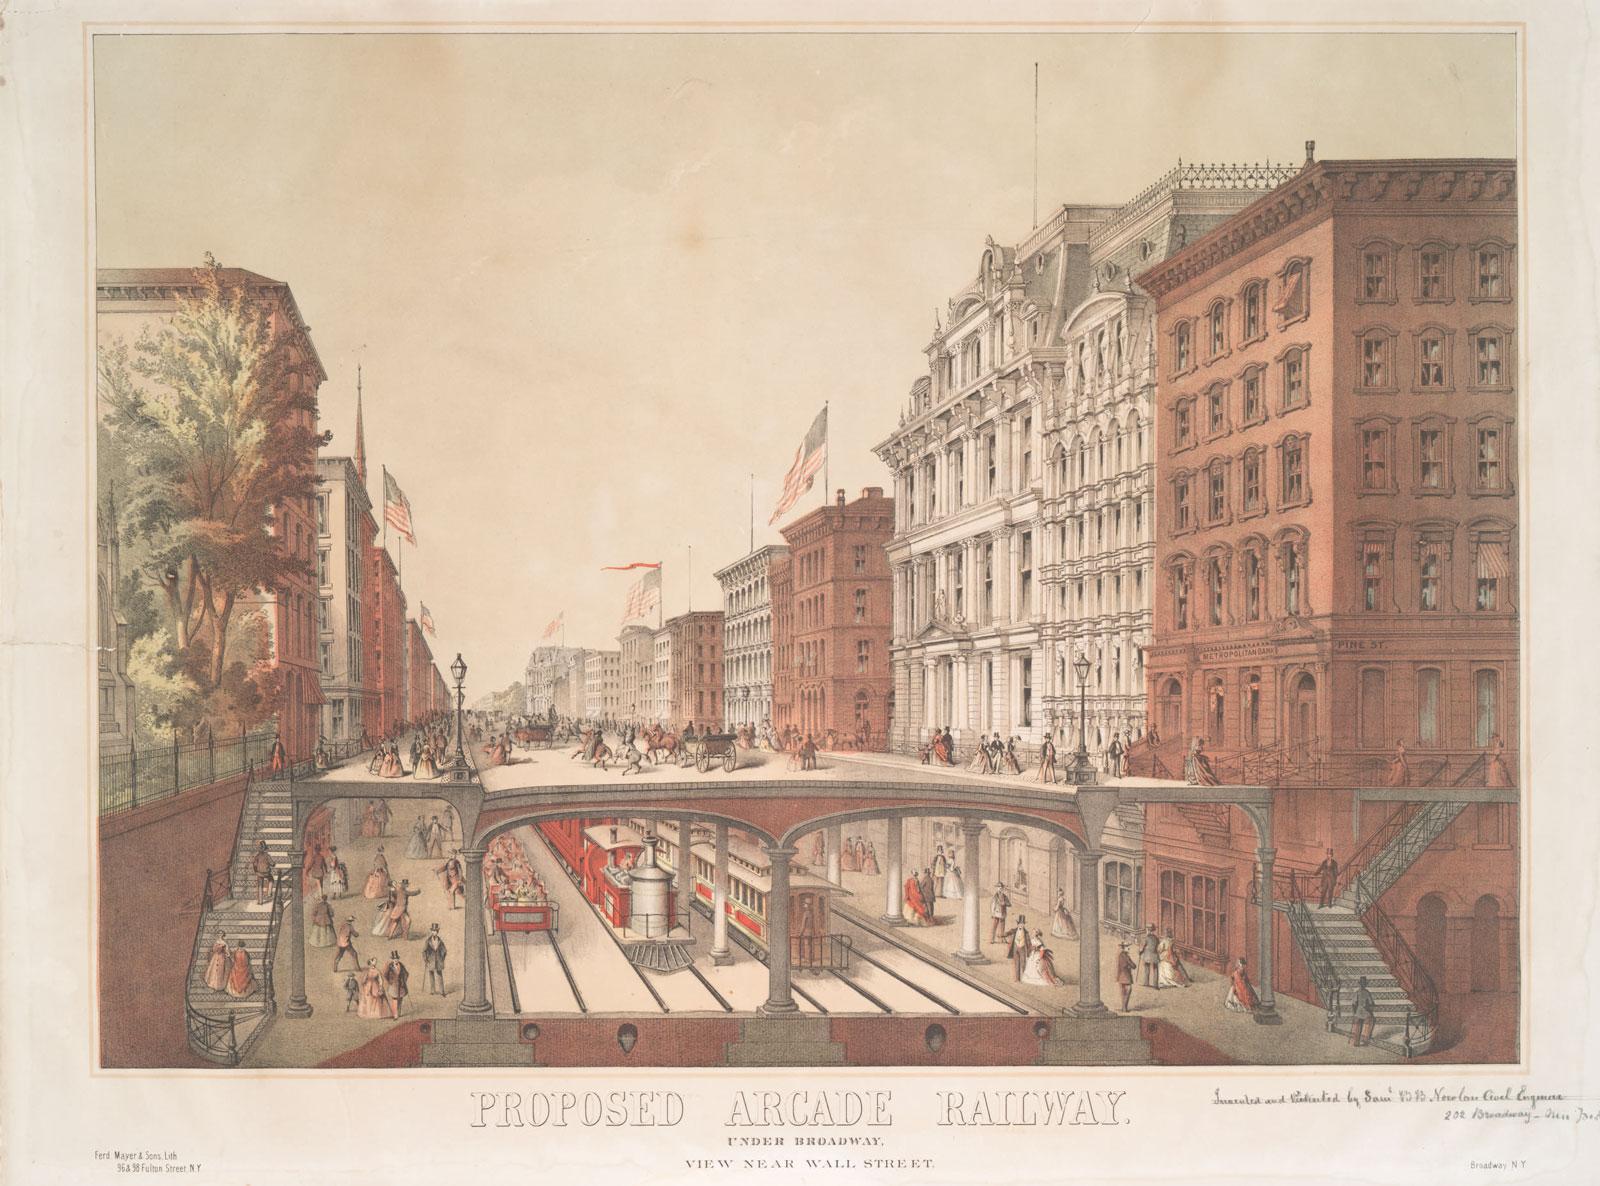 ny-arcade-railway